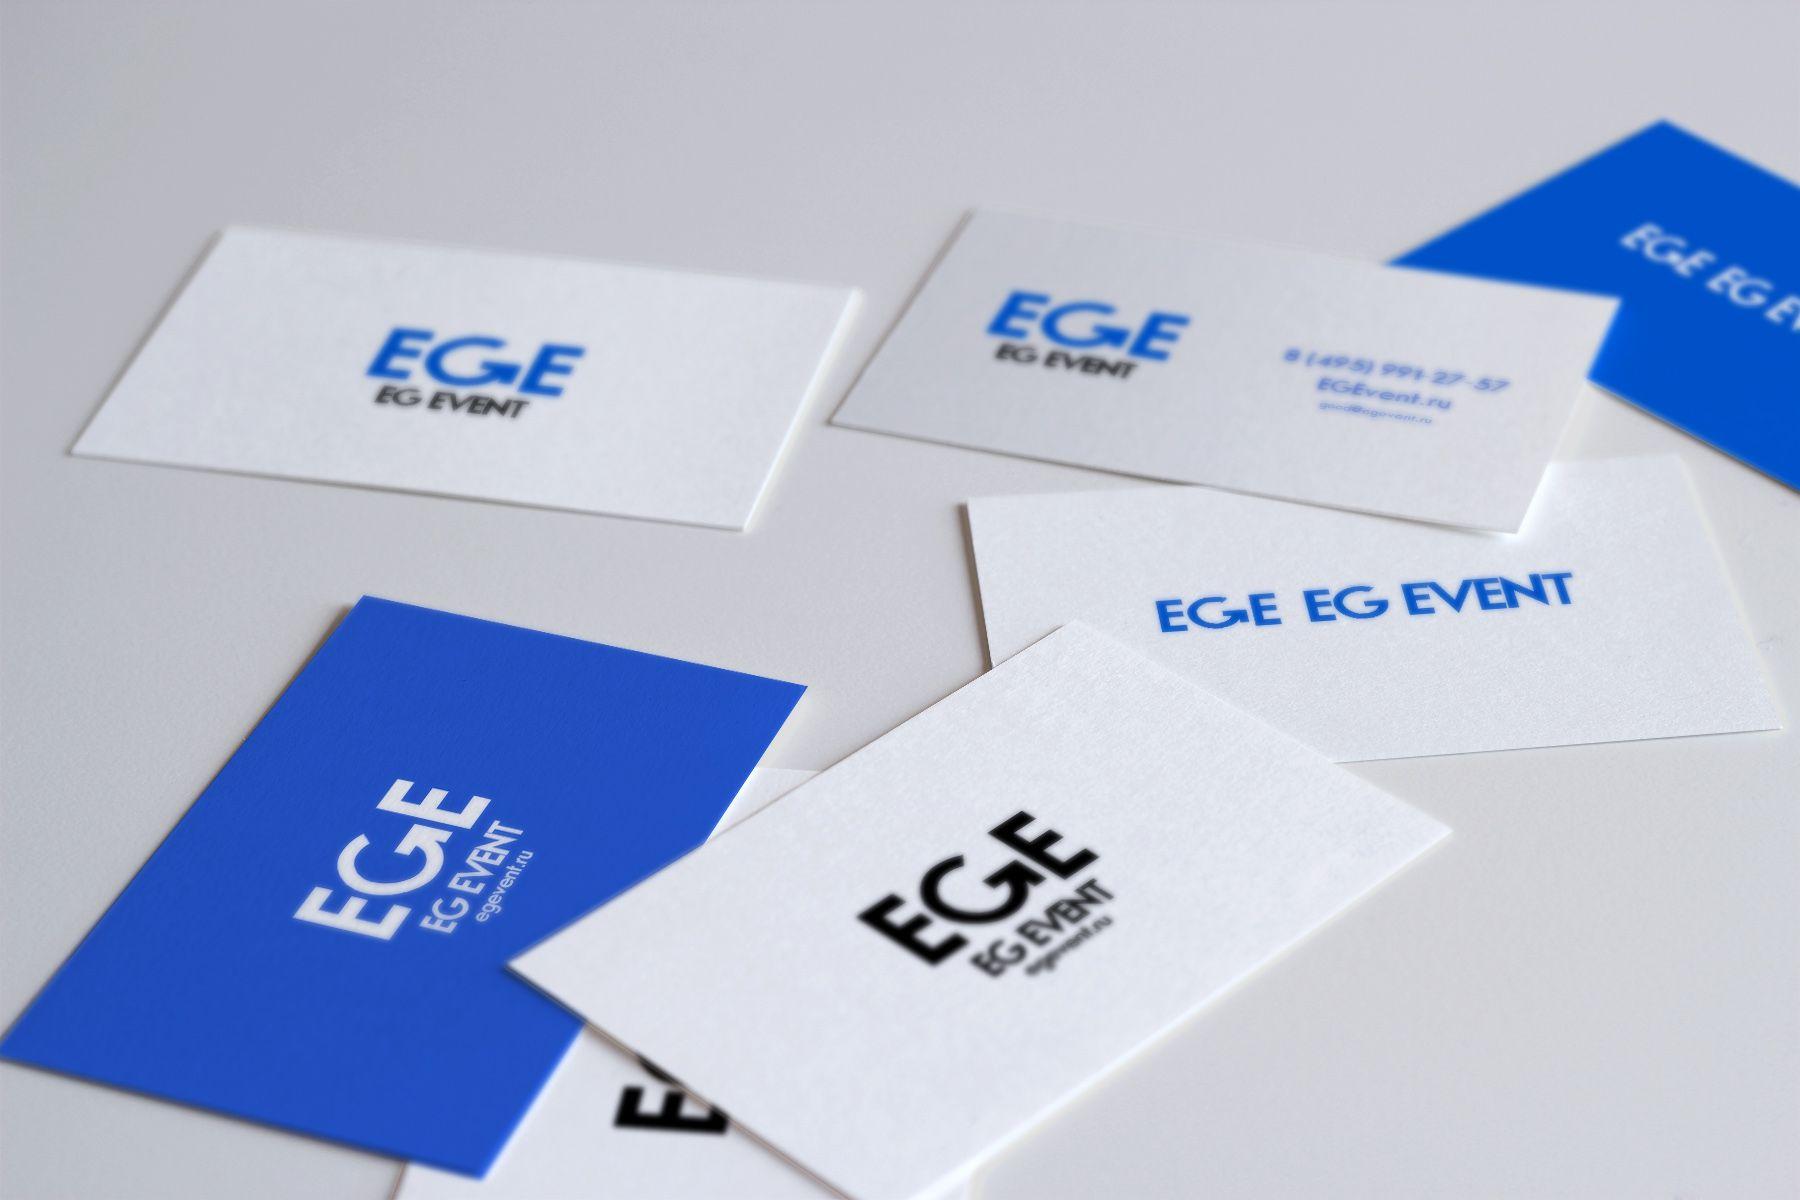 Логотип и эл-ты фир стиля для event компании - дизайнер weste32